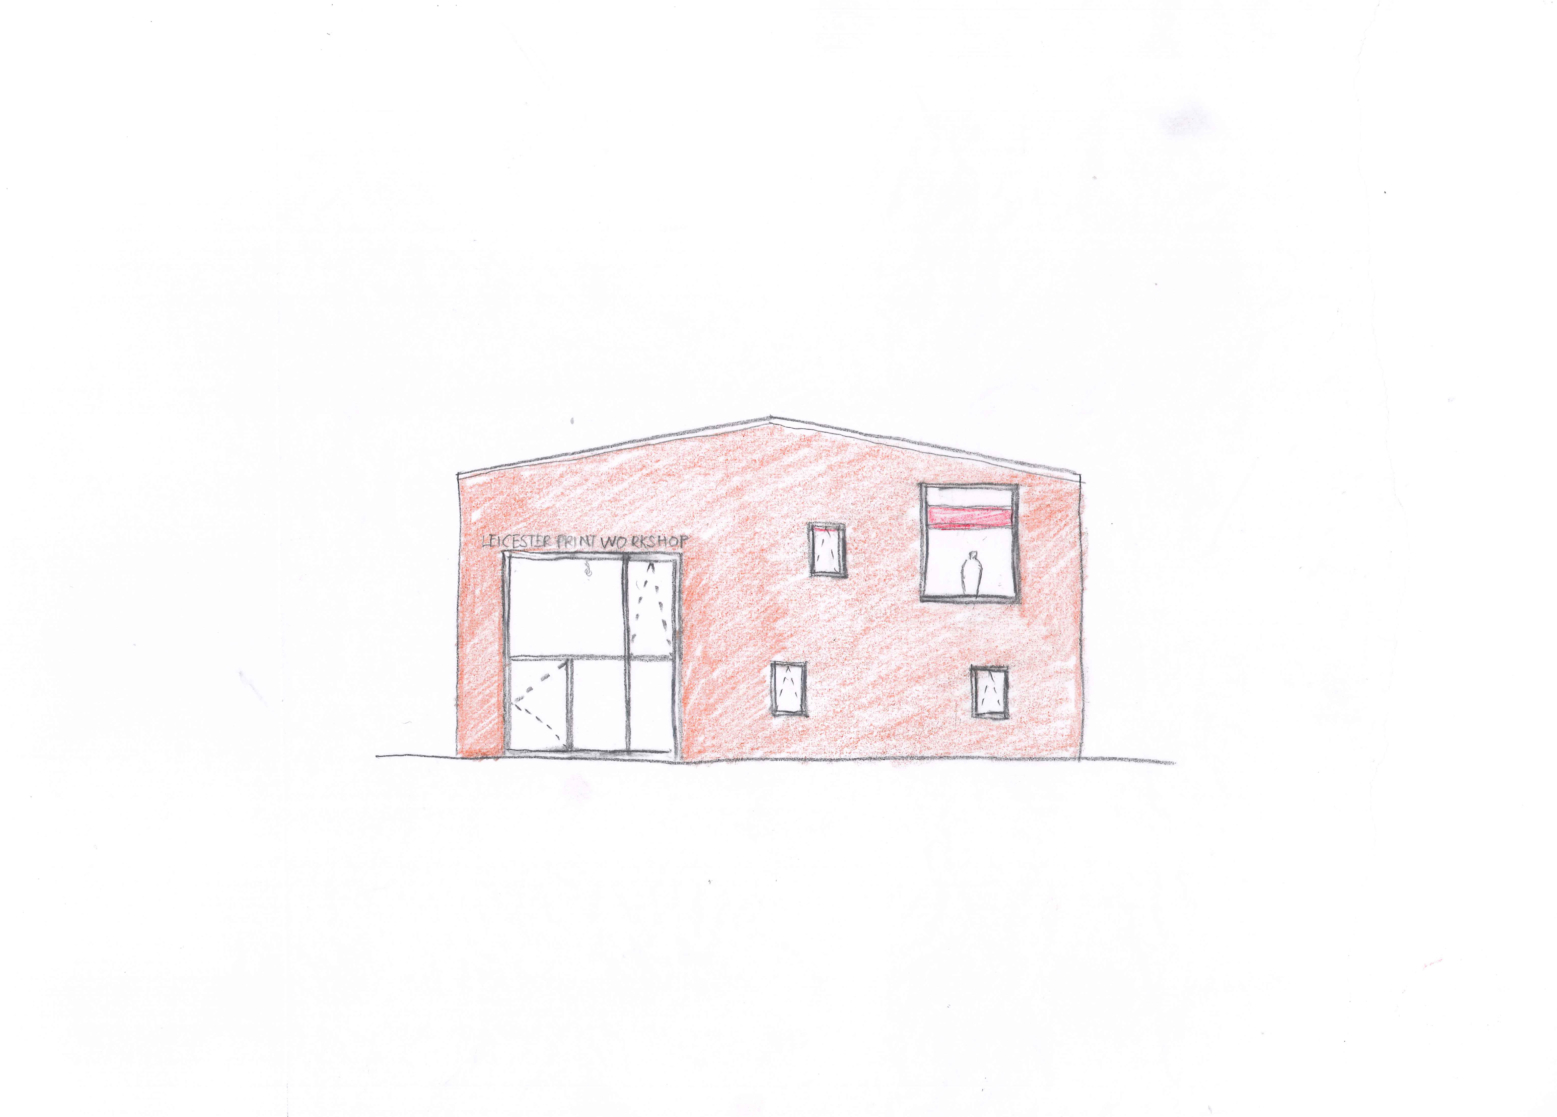 Leicester Print Workshop_sketch 2